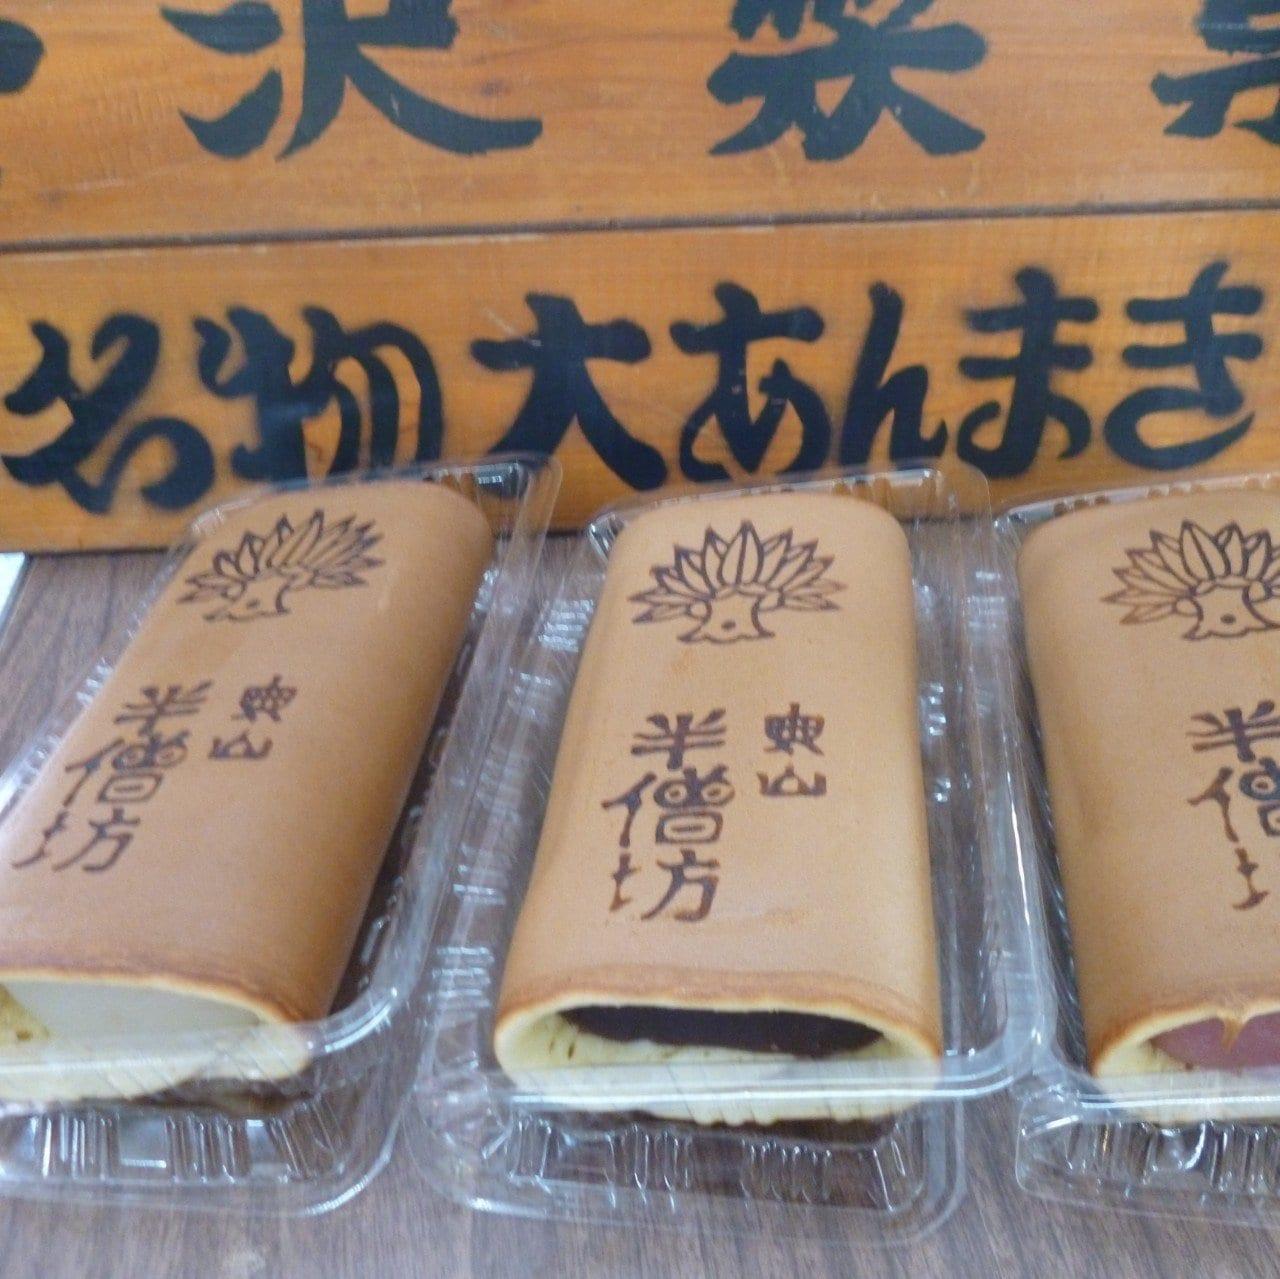 (有)野沢製菓(のざわせいか)/✿半僧坊の厄除けとして丁寧に手焼きされた1品。懐かしの味大あんまき!/いなさマップ「45」のイメージその1